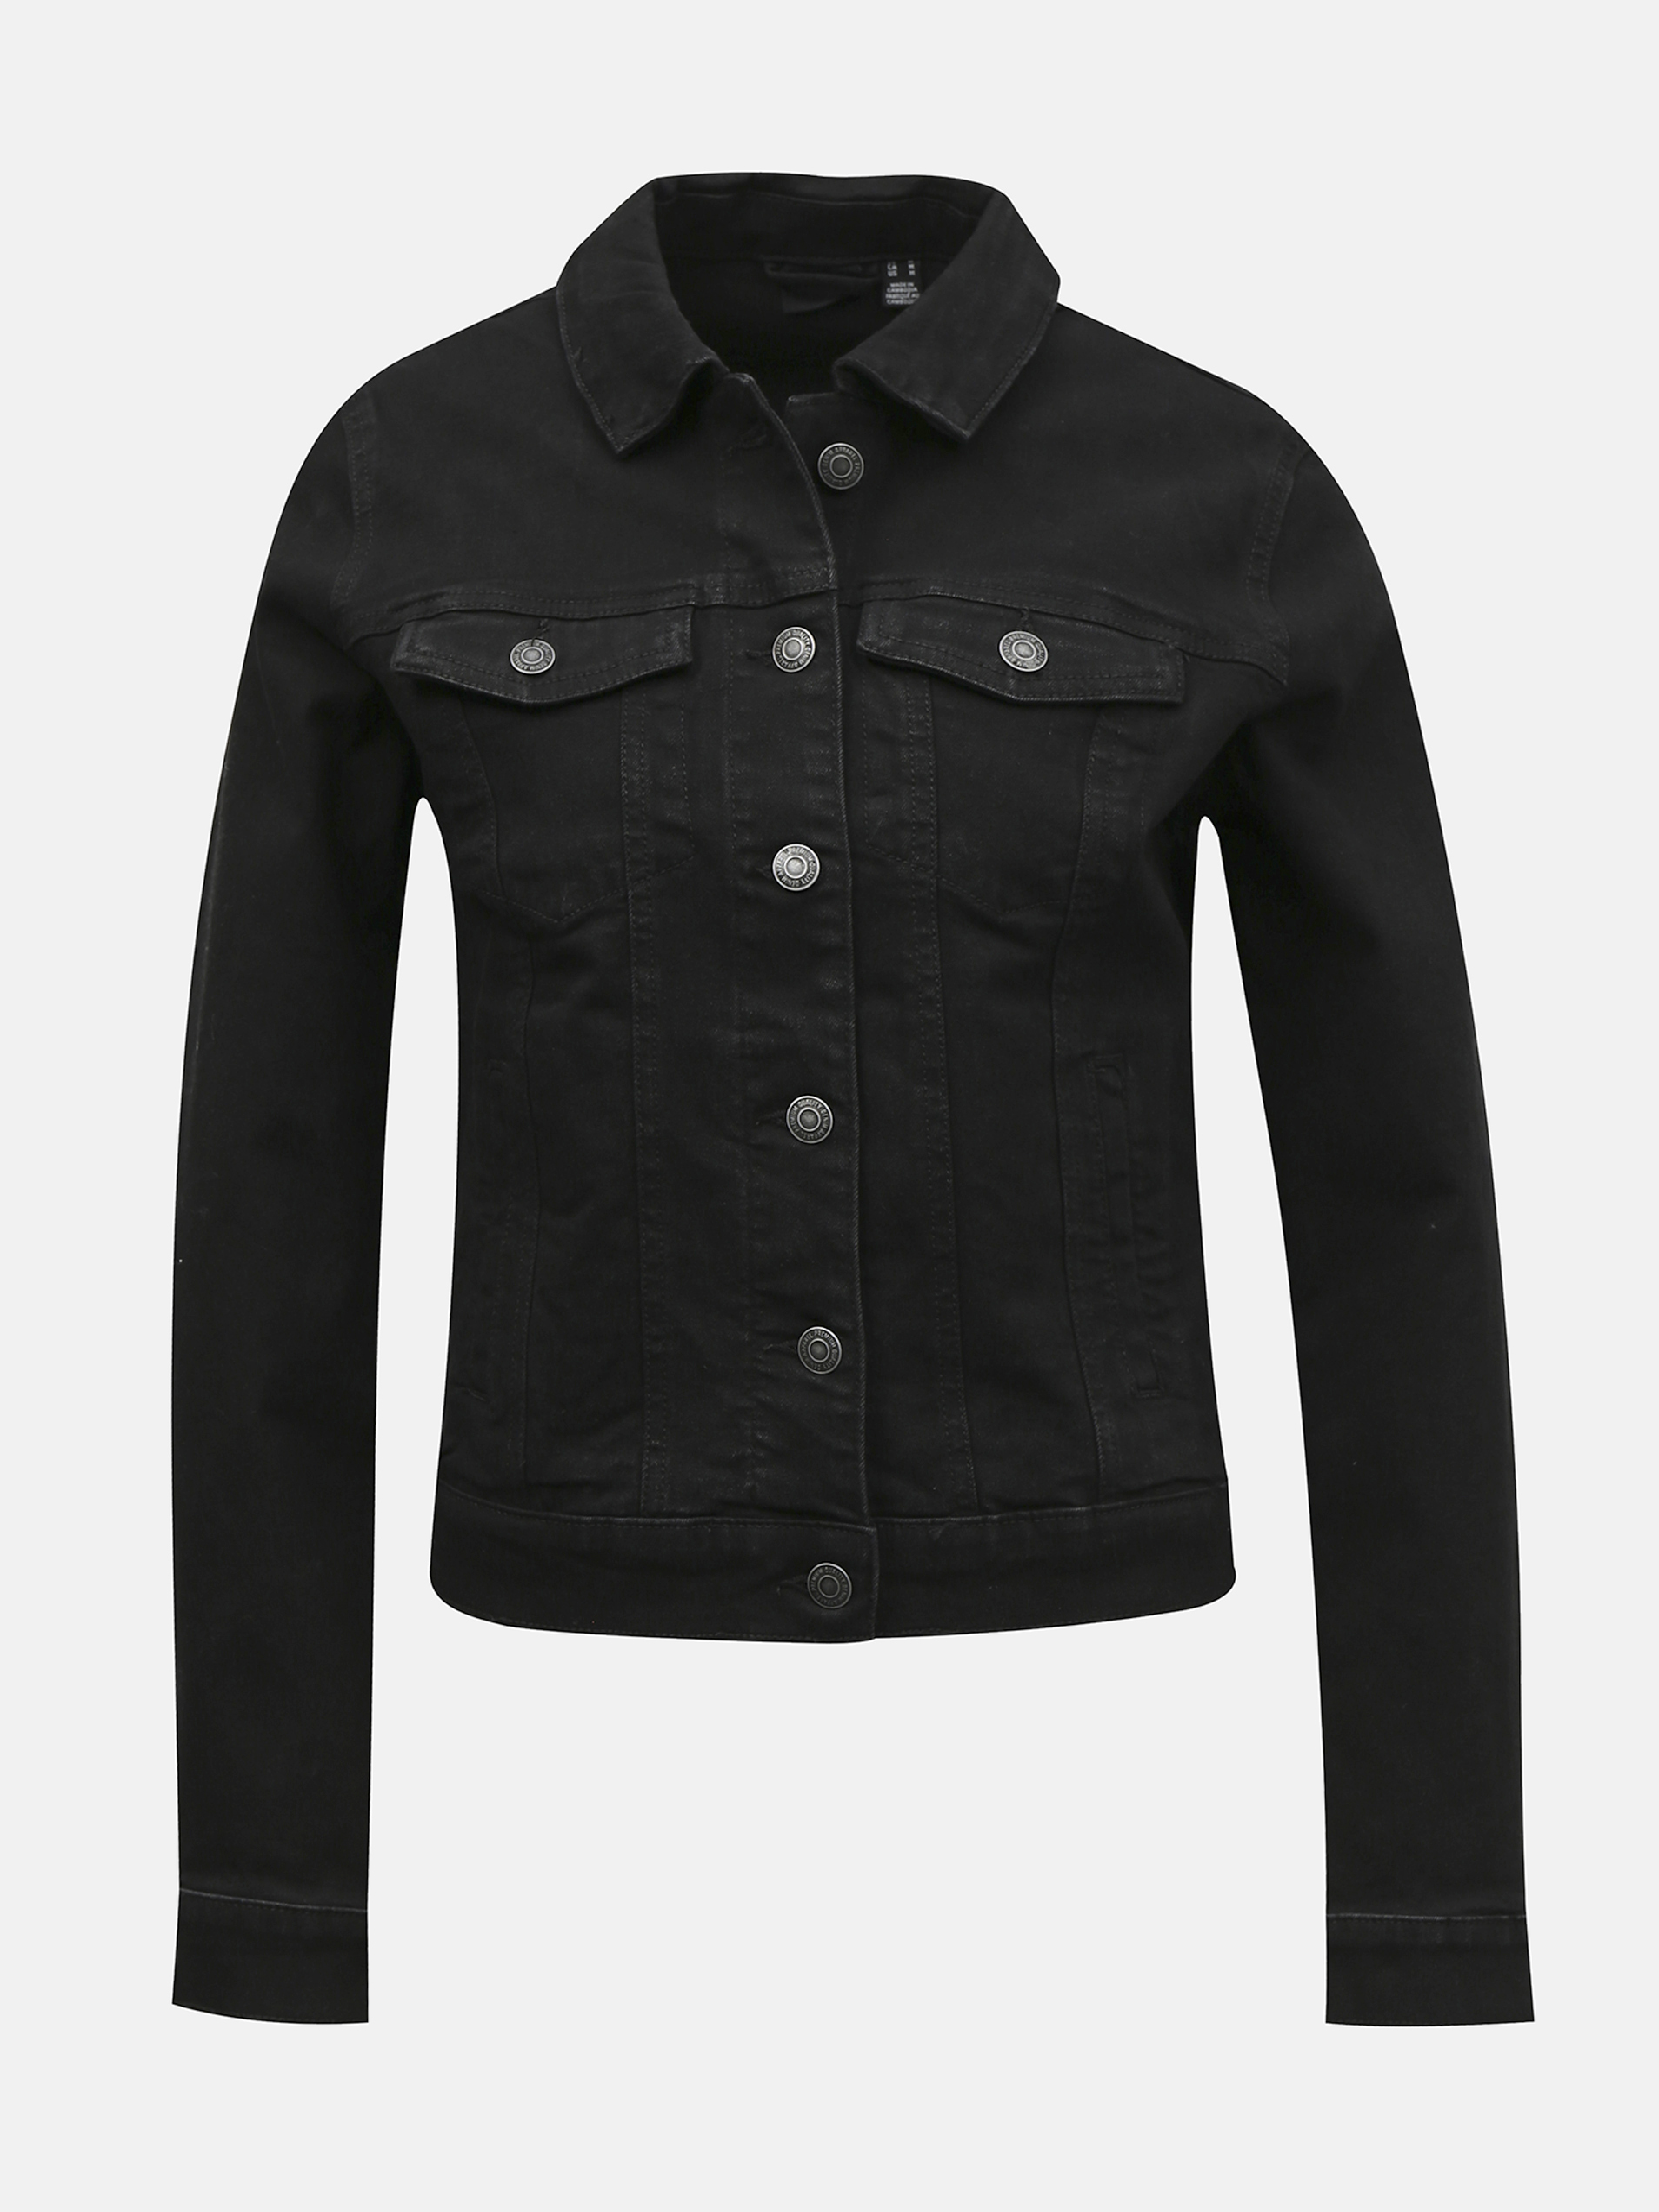 Vero Moda čierna džínsová bunda Hot Soya - M